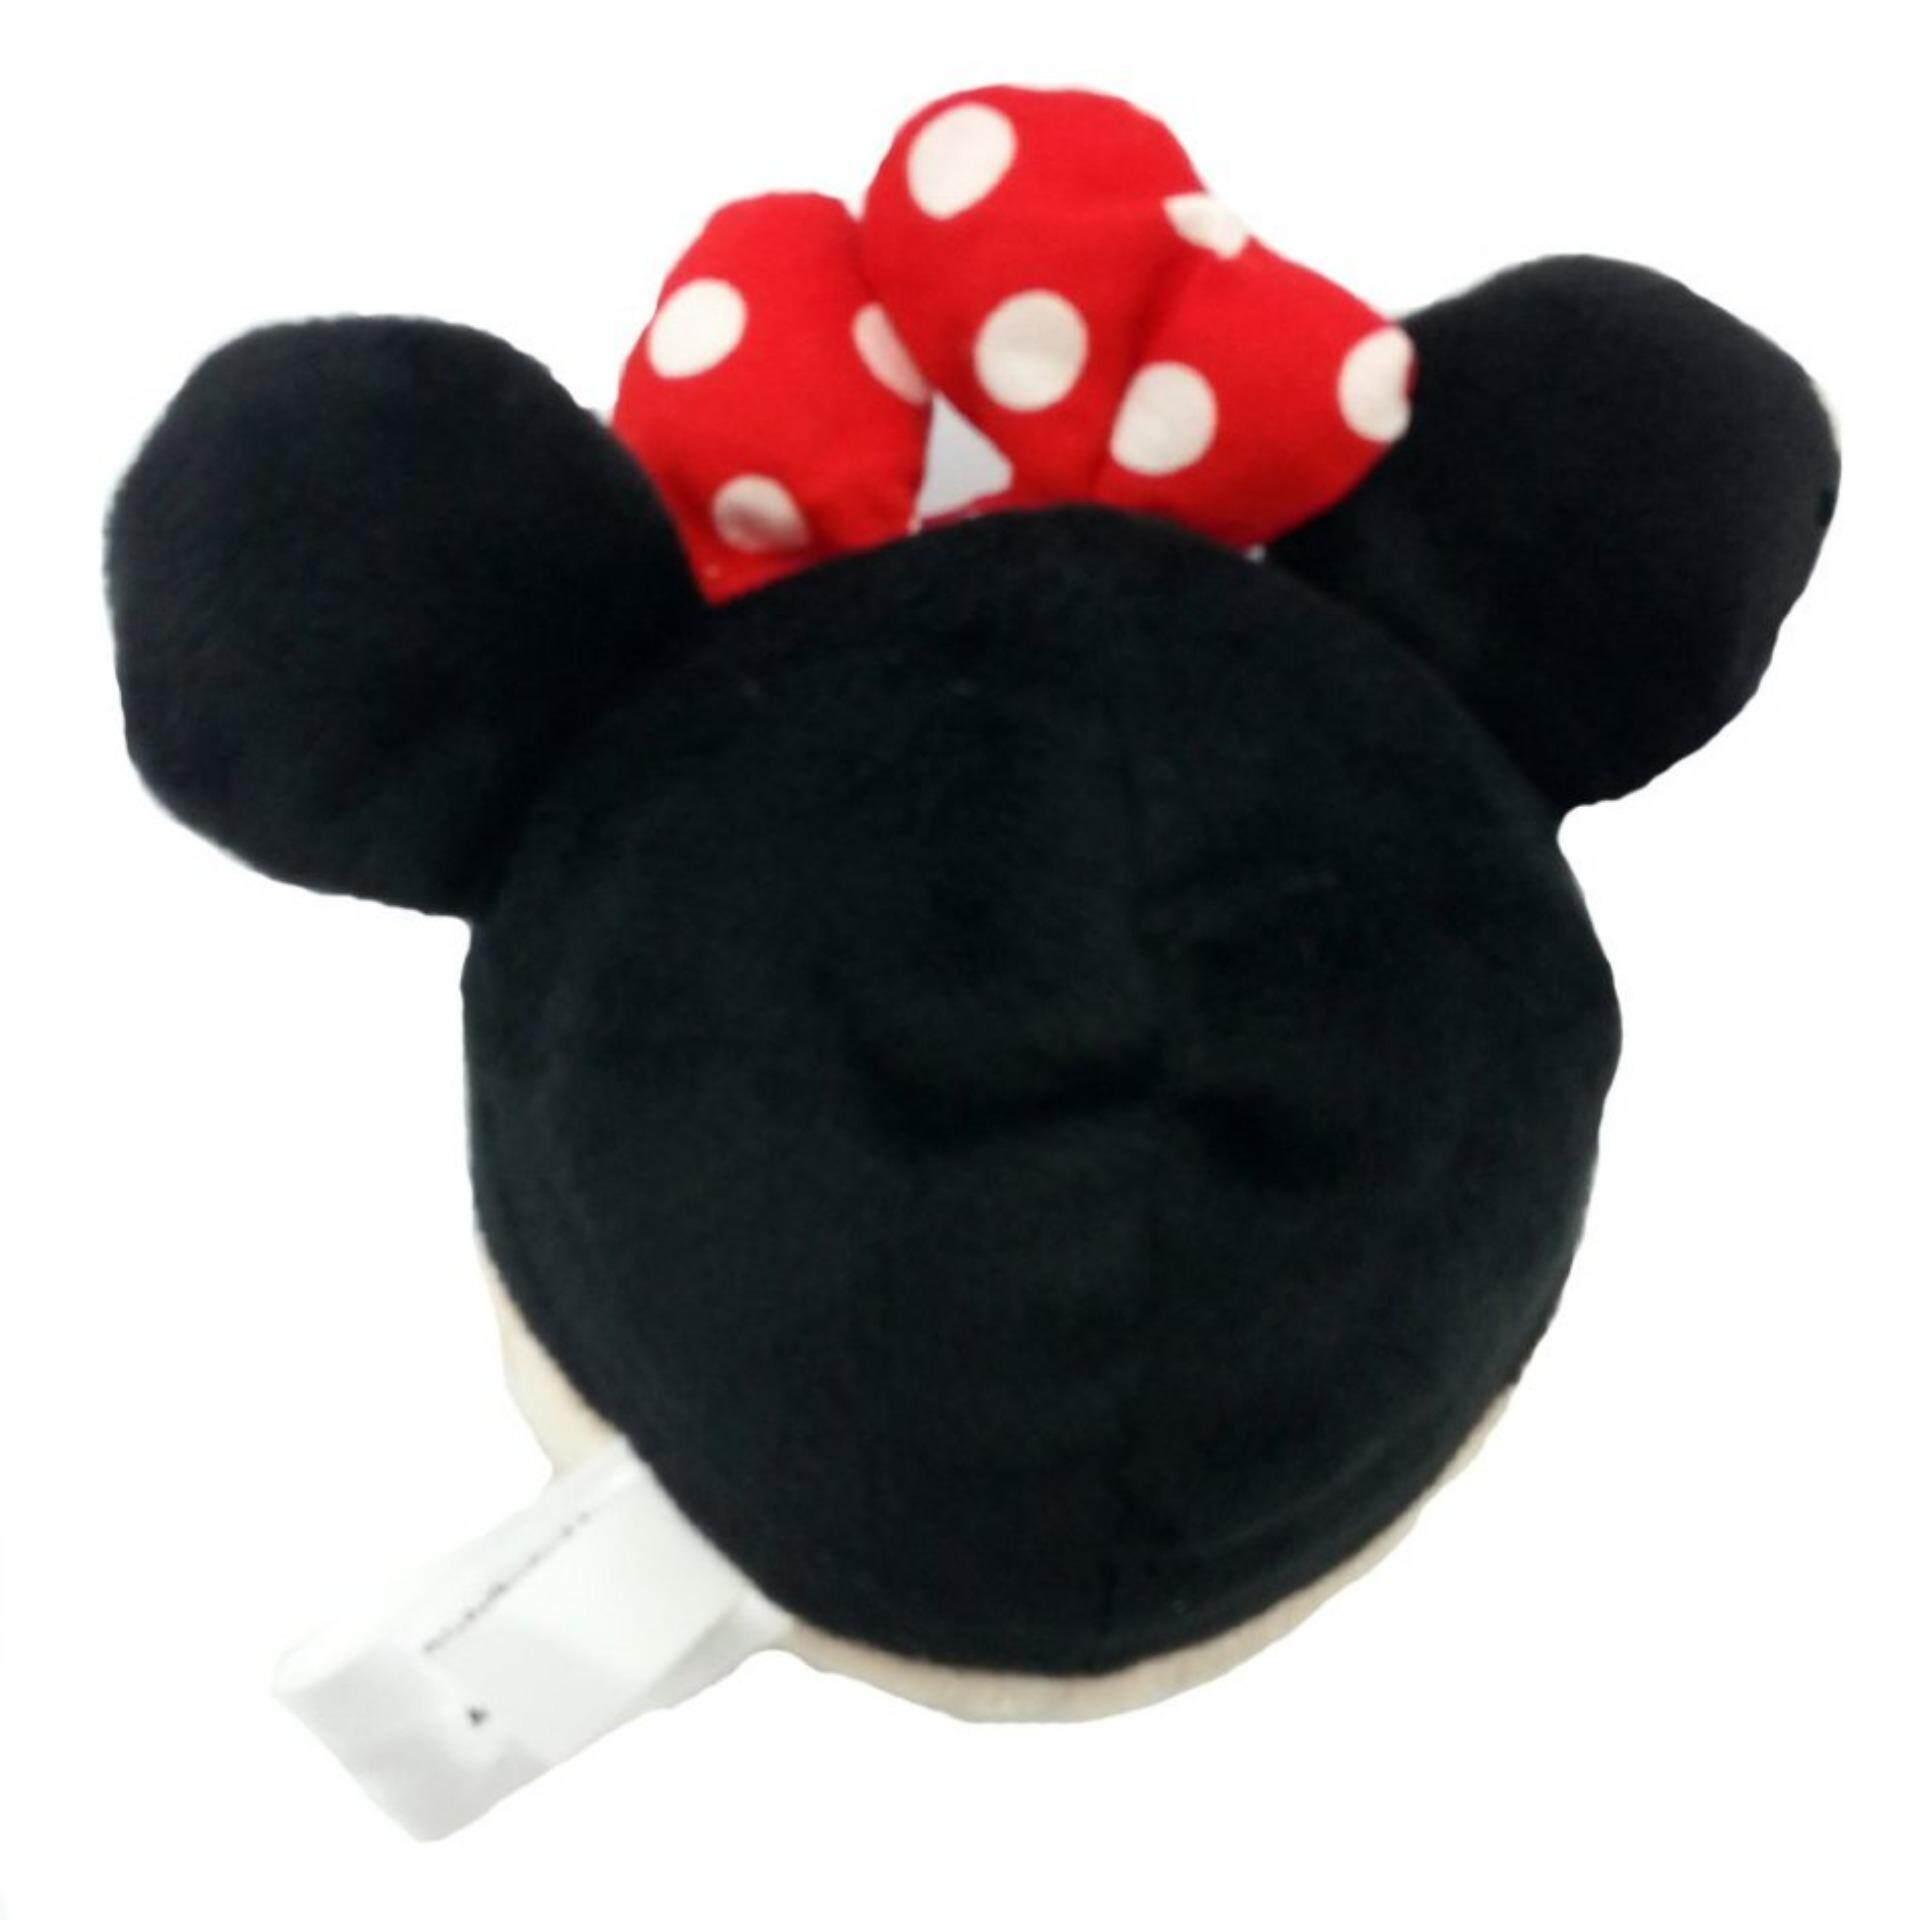 Disney Emoji Beanbags 2.5 Inches - Minnie Shy toys for girls